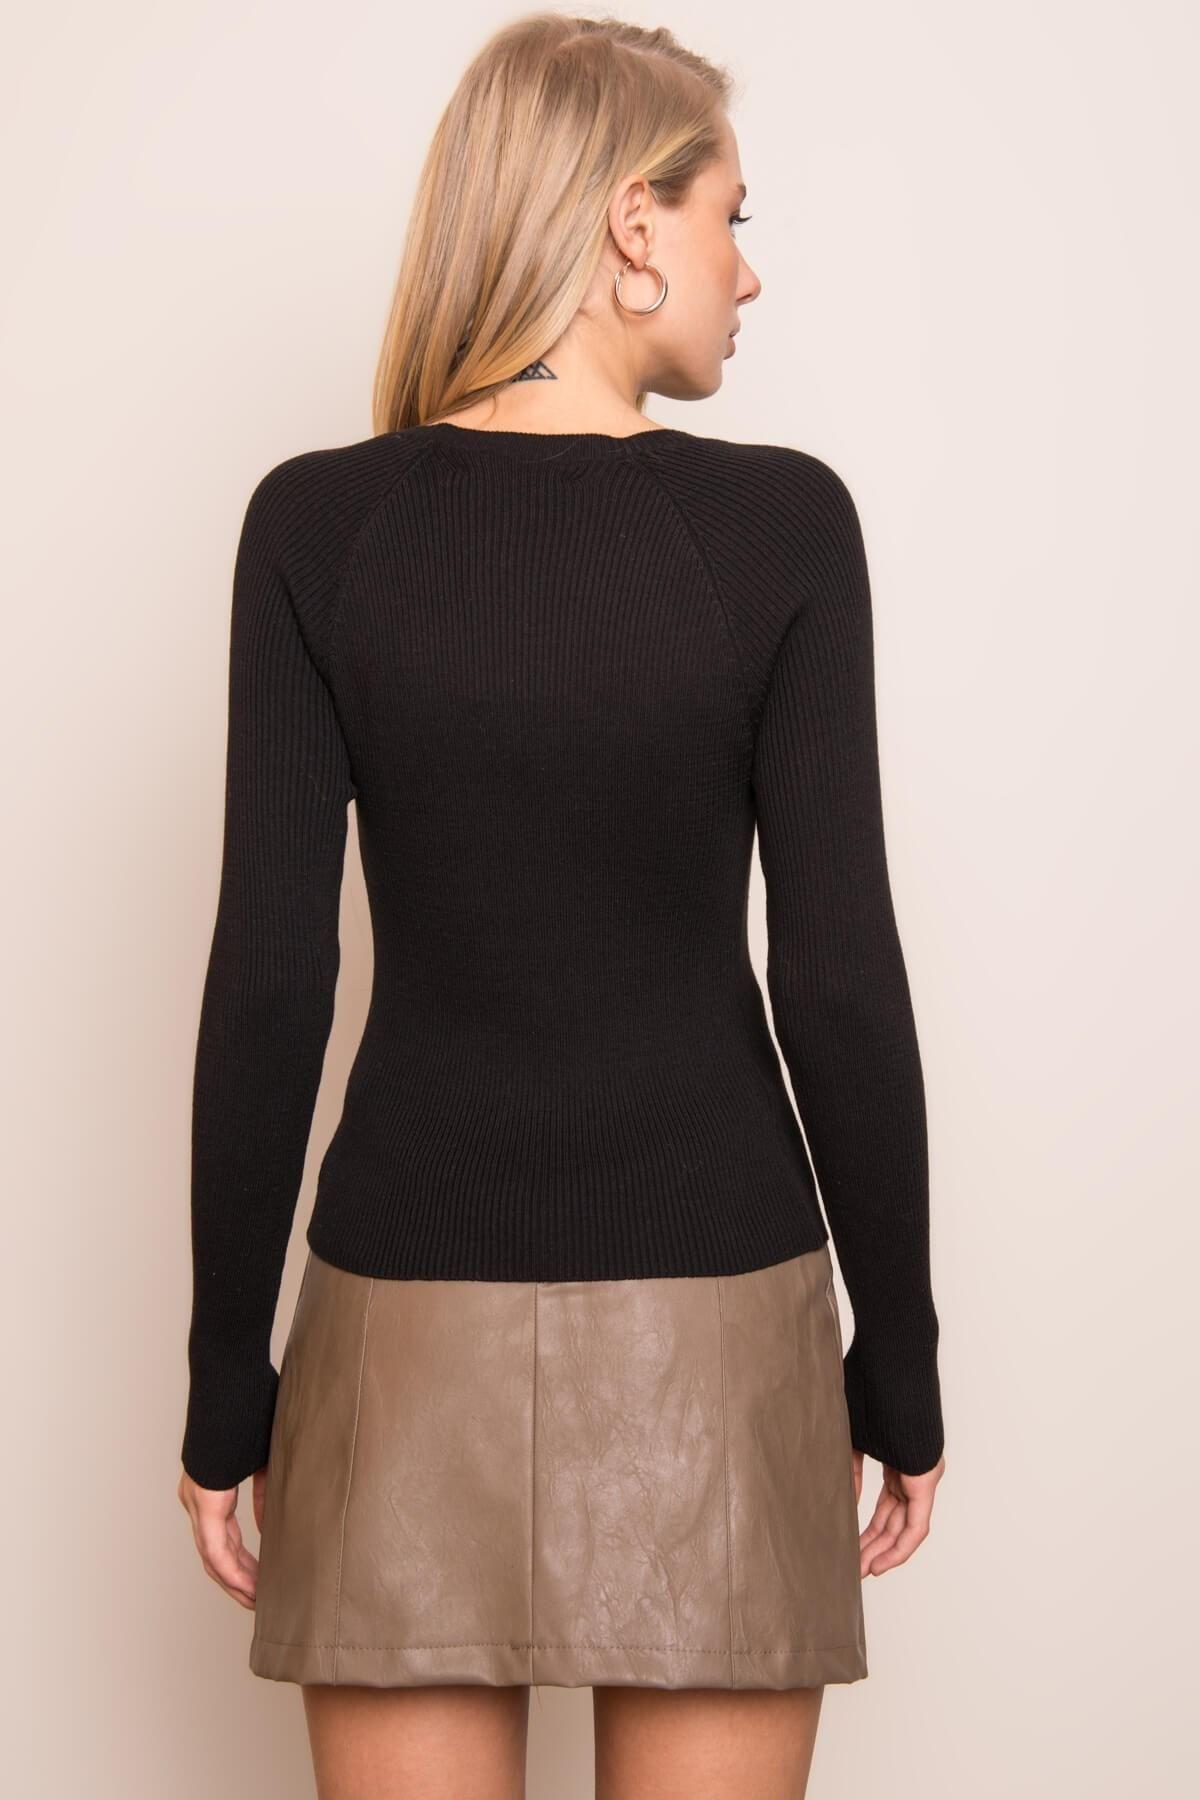 Dámsky čierny sveter - S